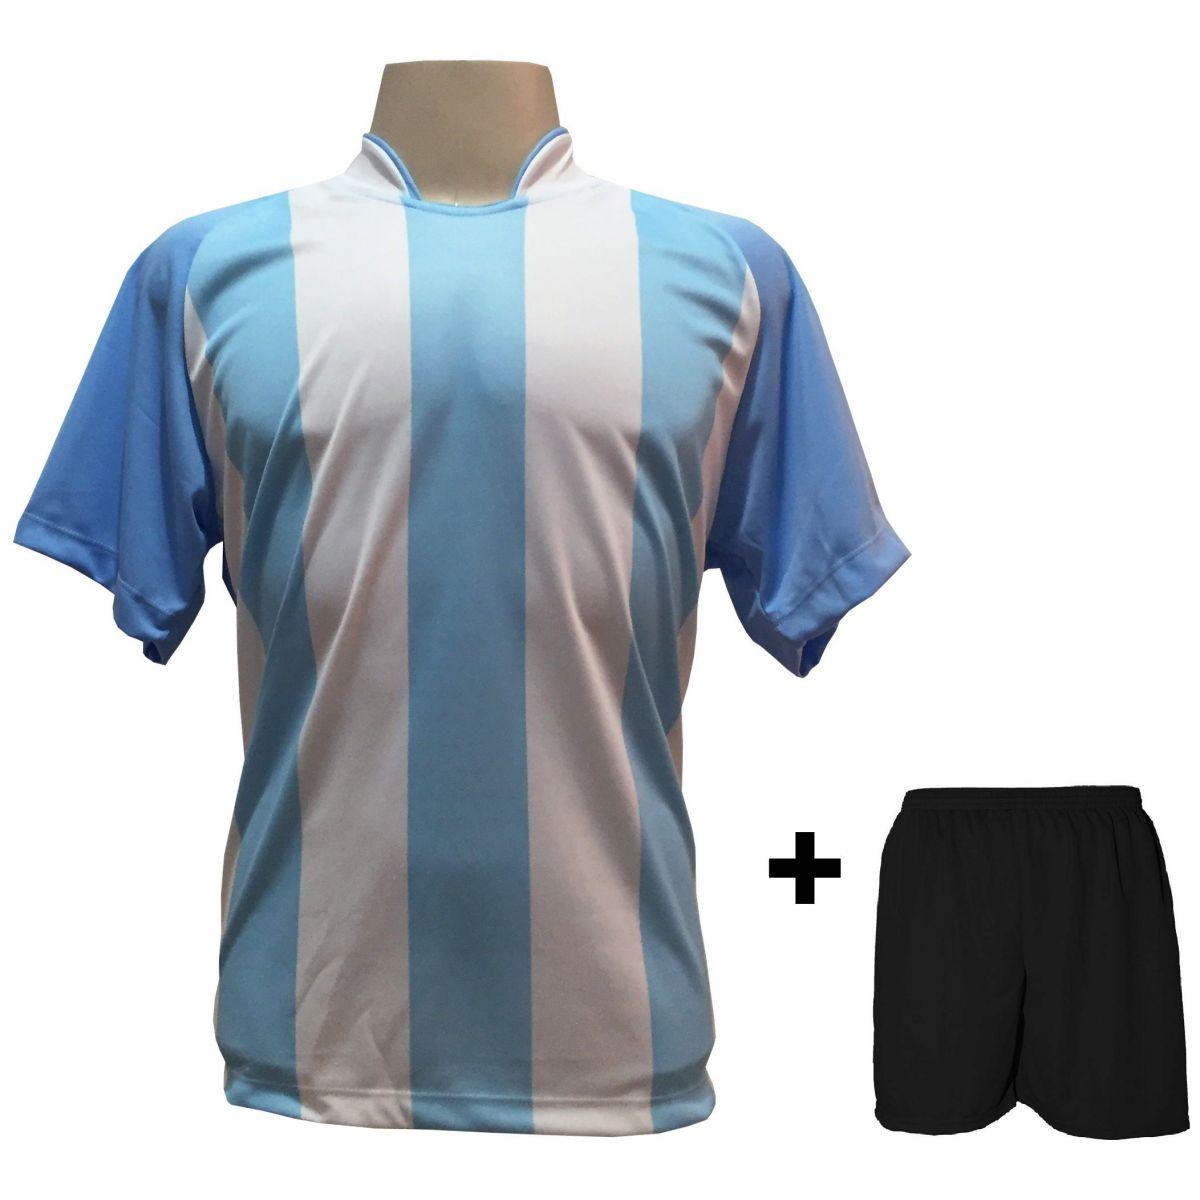 Uniforme Esportivo com 20 Camisas modelo Milan Celeste/Branco + 20 Calções modelo Madrid Preto